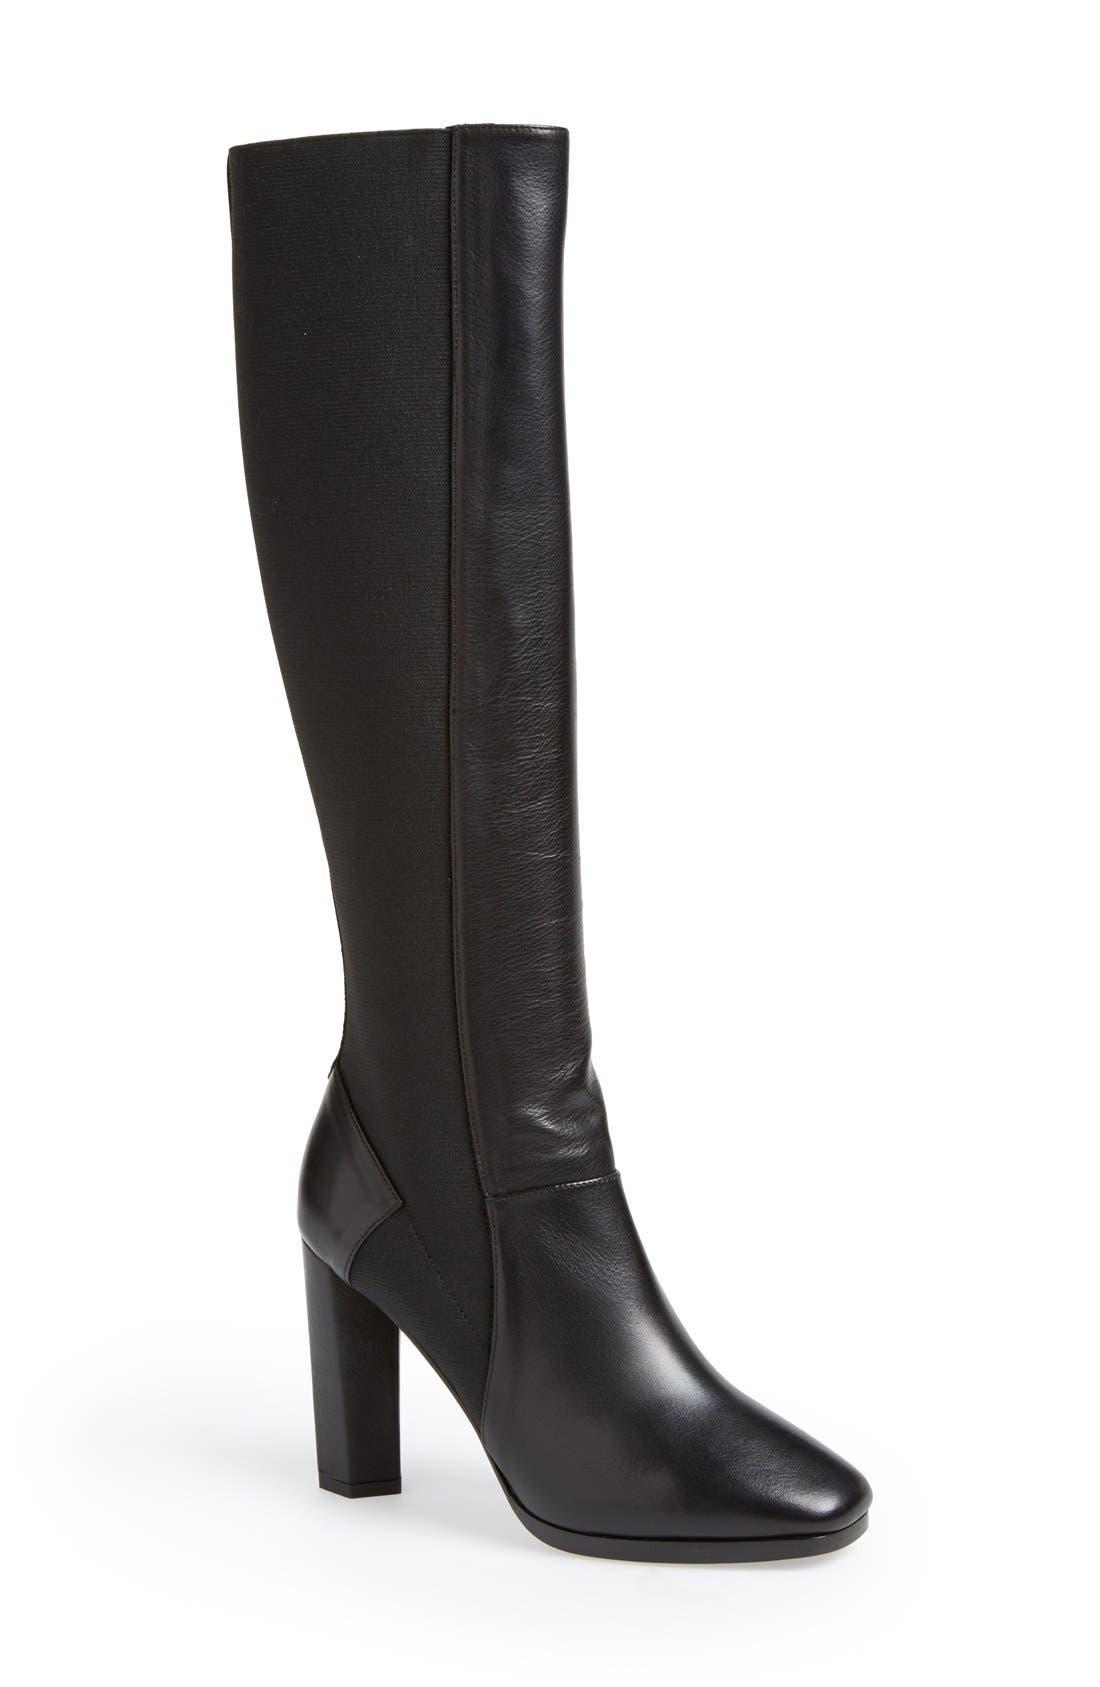 Main Image - Diane von Furstenberg 'Pella' Tall Boot (Women)